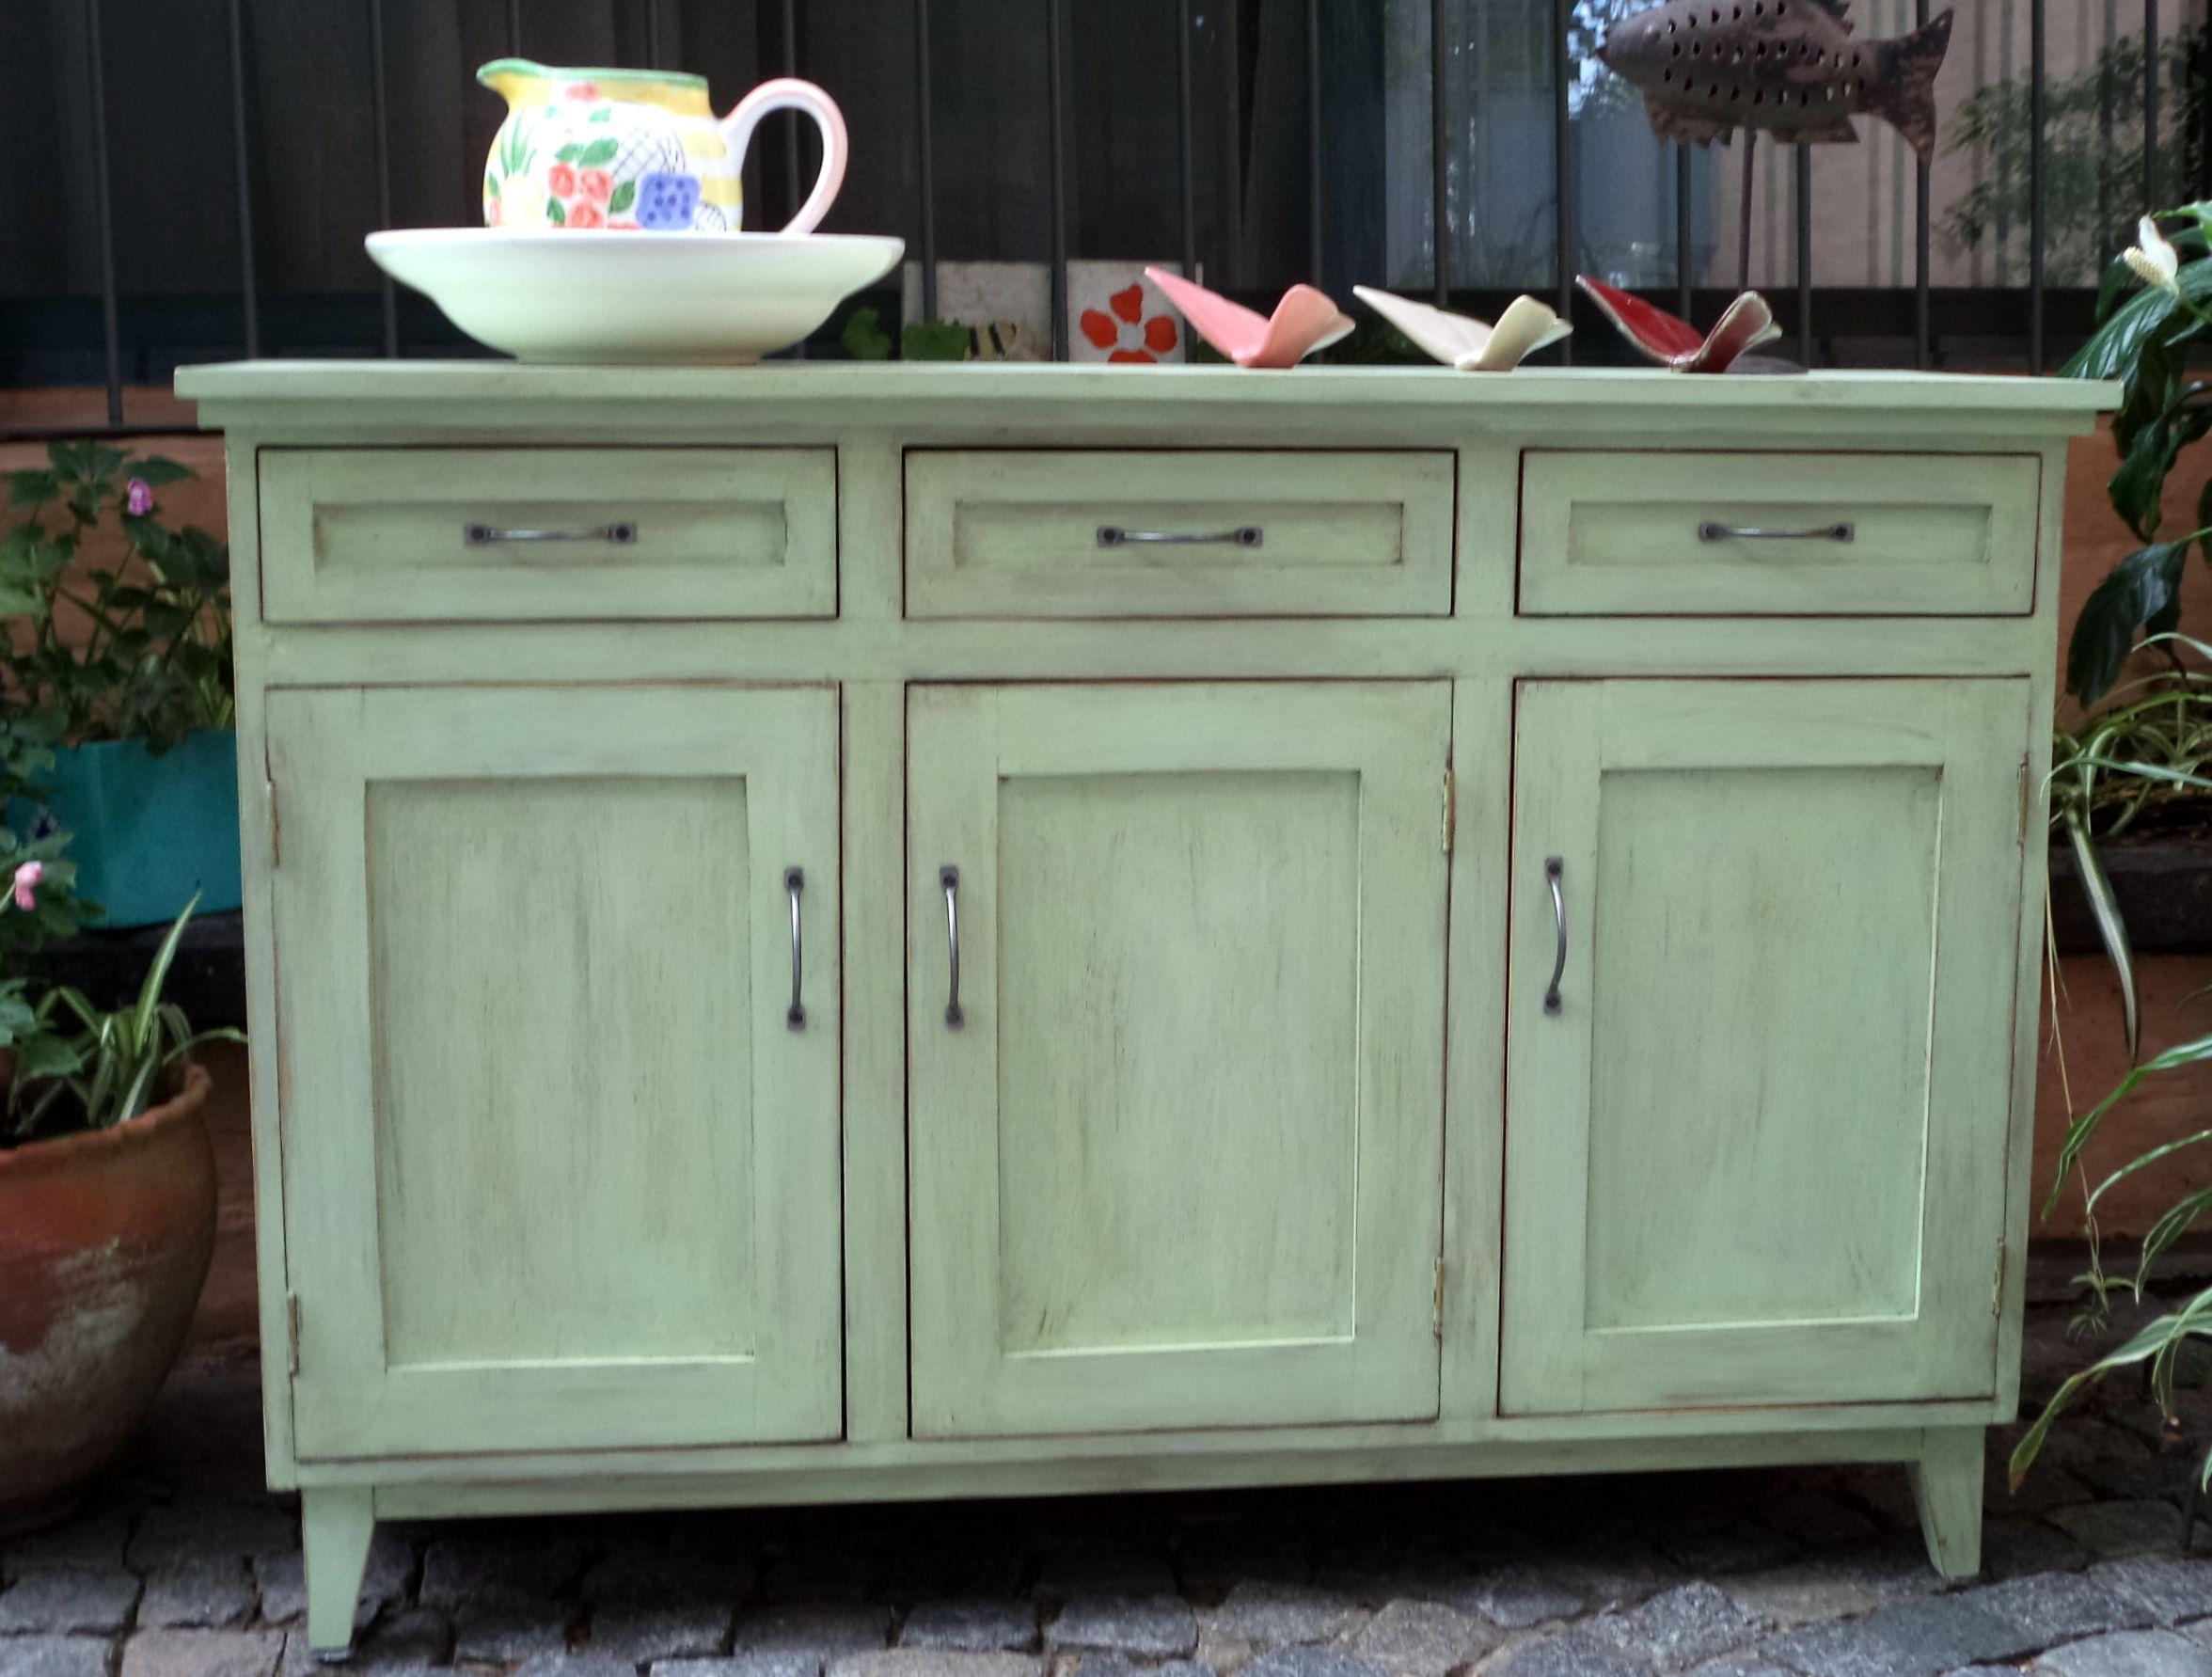 Bahiut Americano En Color Verde Patinado Cosas Para Comprar  # Muebles Patinados En Blanco